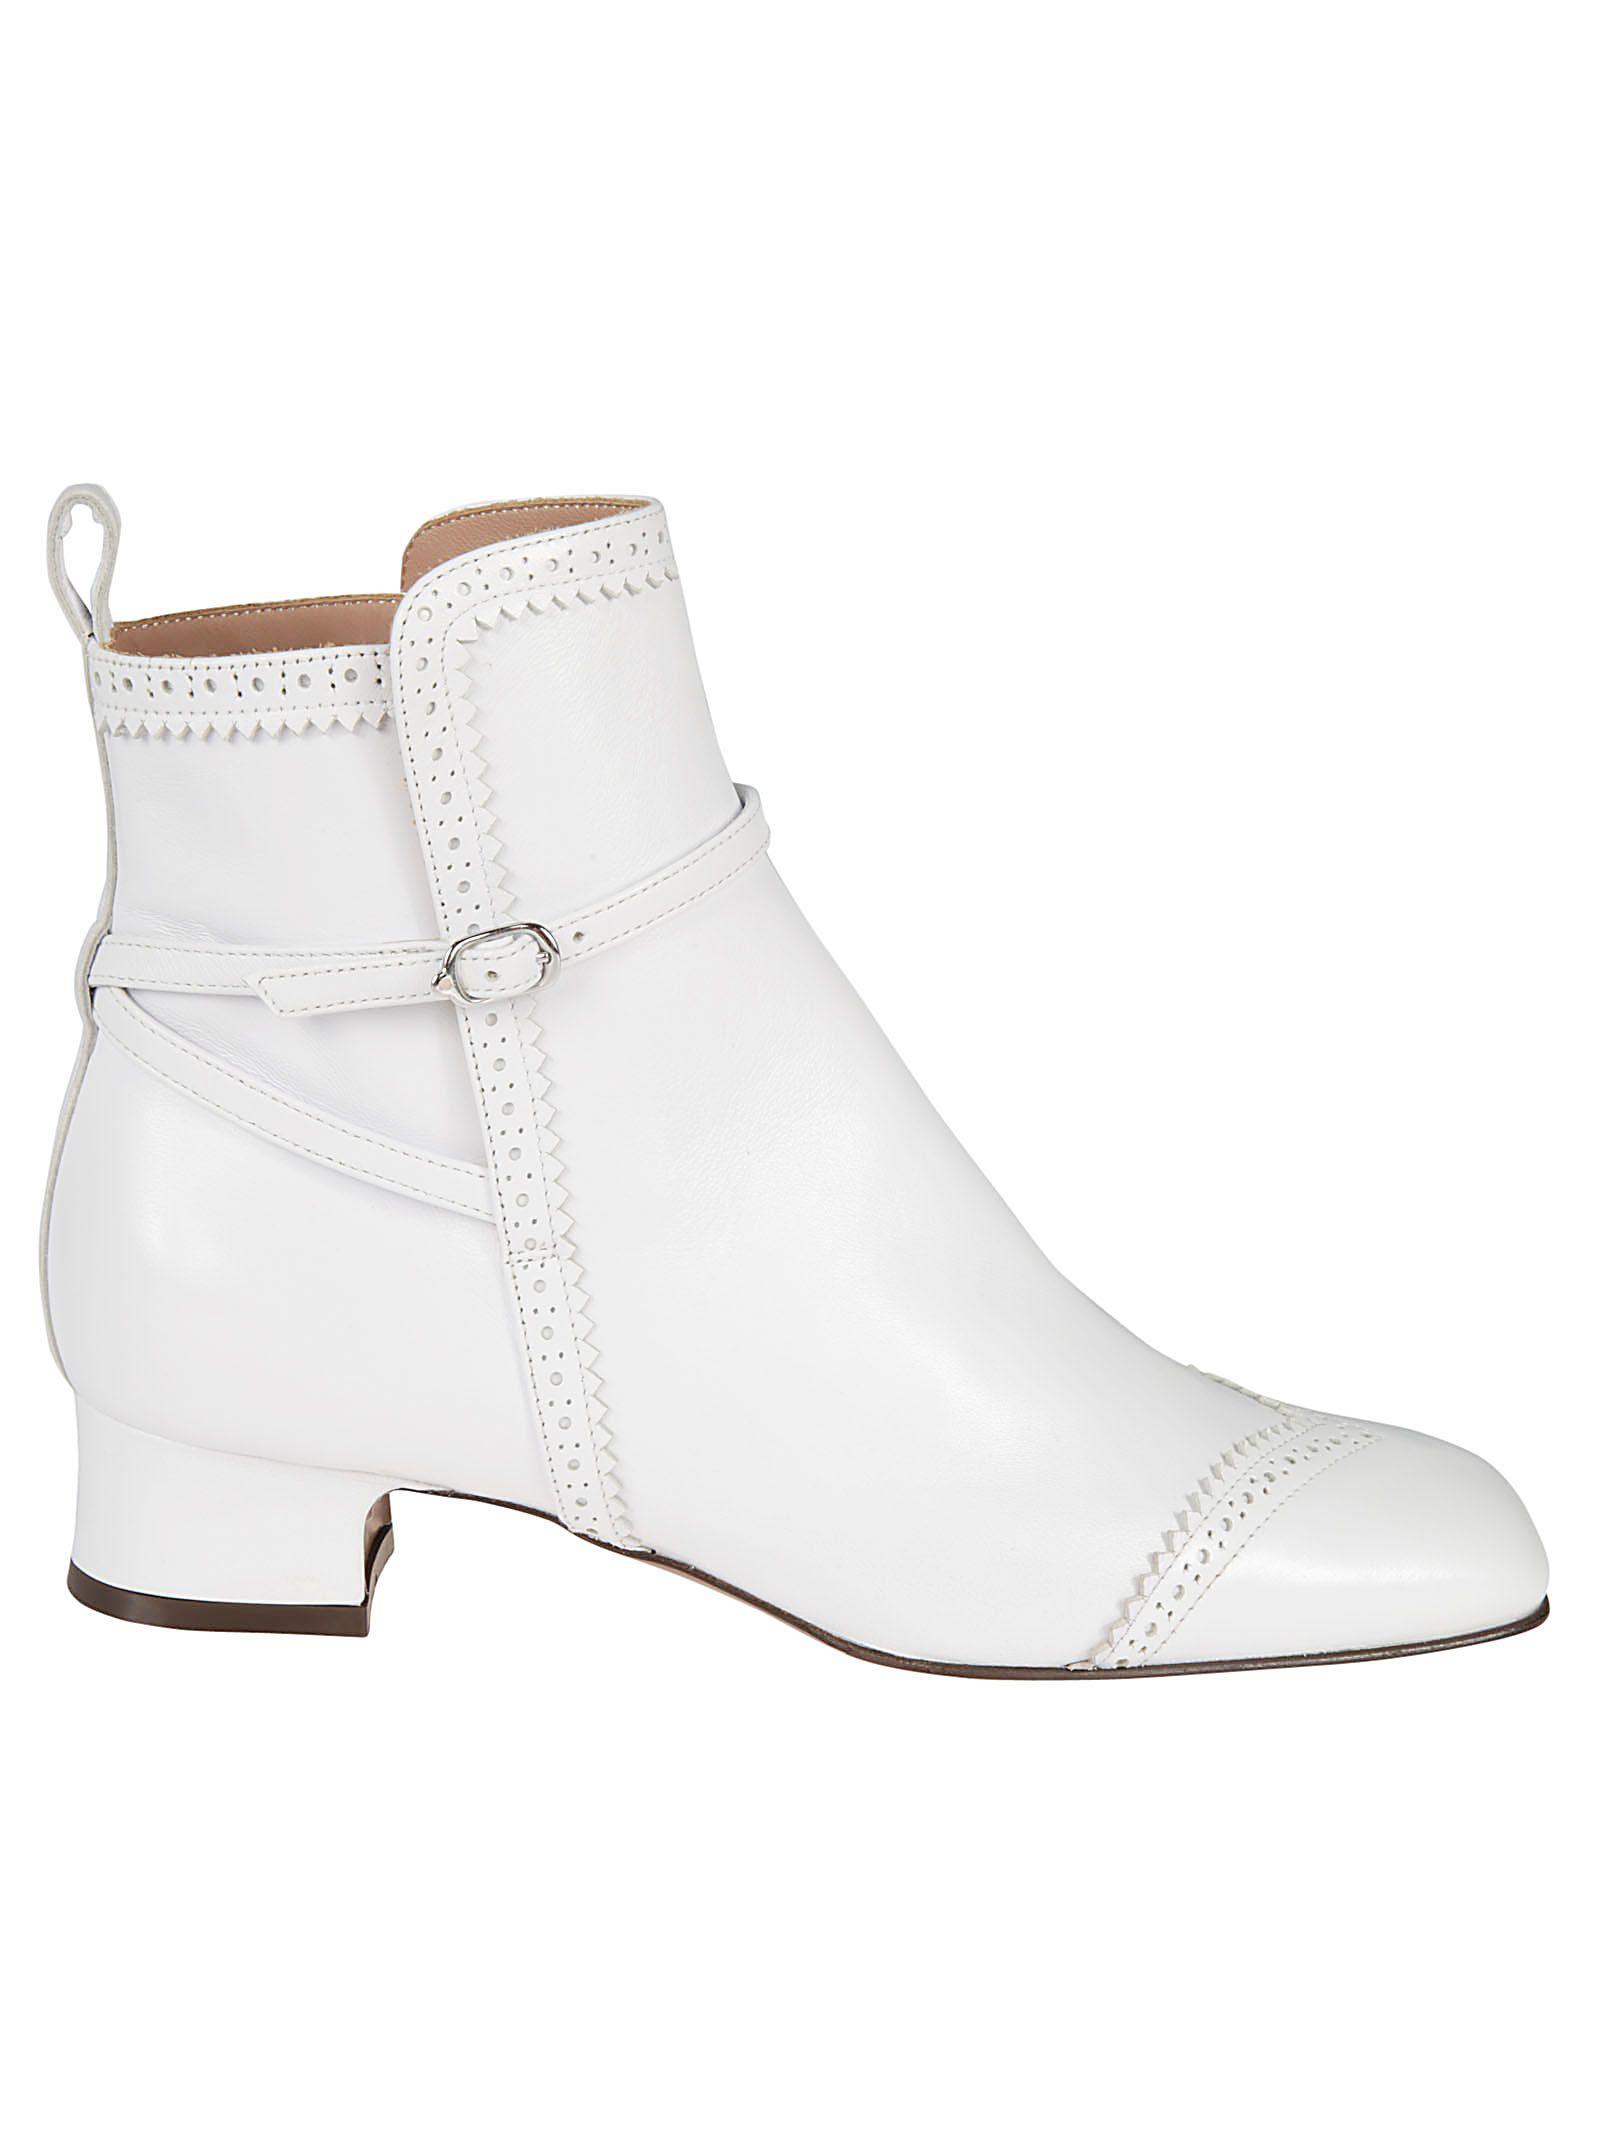 L'AUTRE CHOSE L'Autre Chose Side Buckle Ankle Boots - White